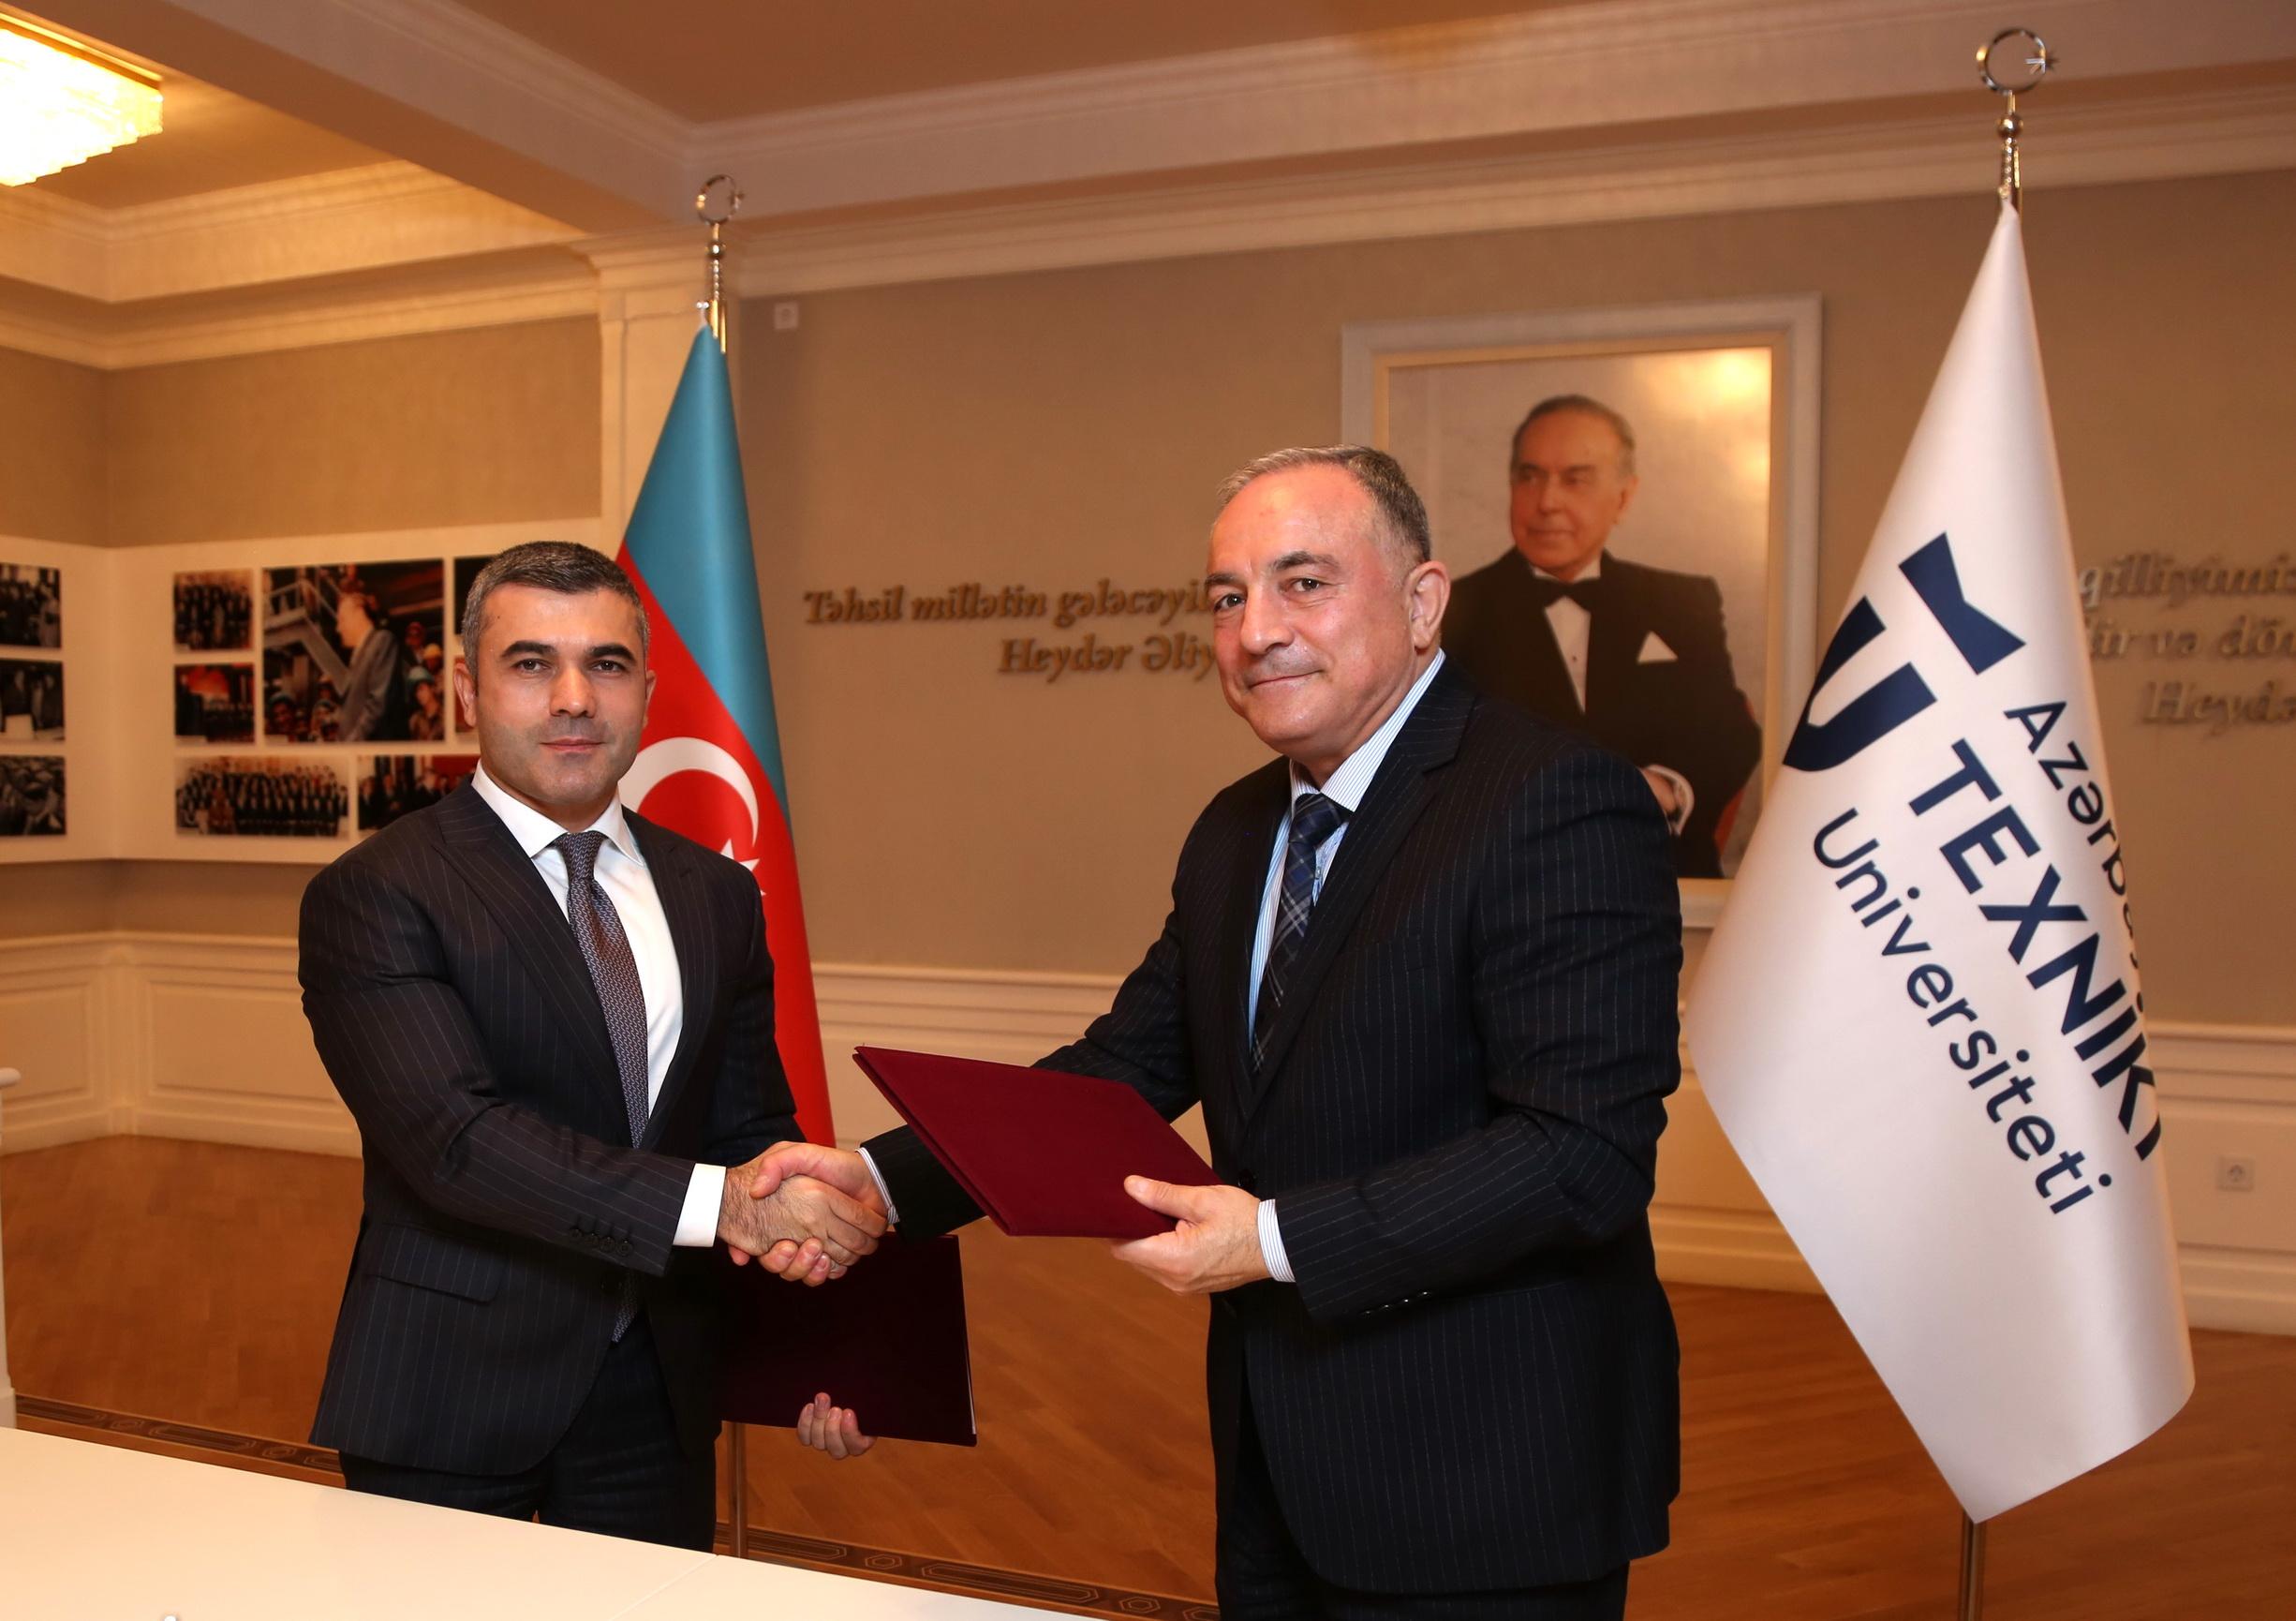 Bank Respublika və Azərbaycan Texniki Universiteti arasında əməkdaşlıq memorandumu imzalanıb